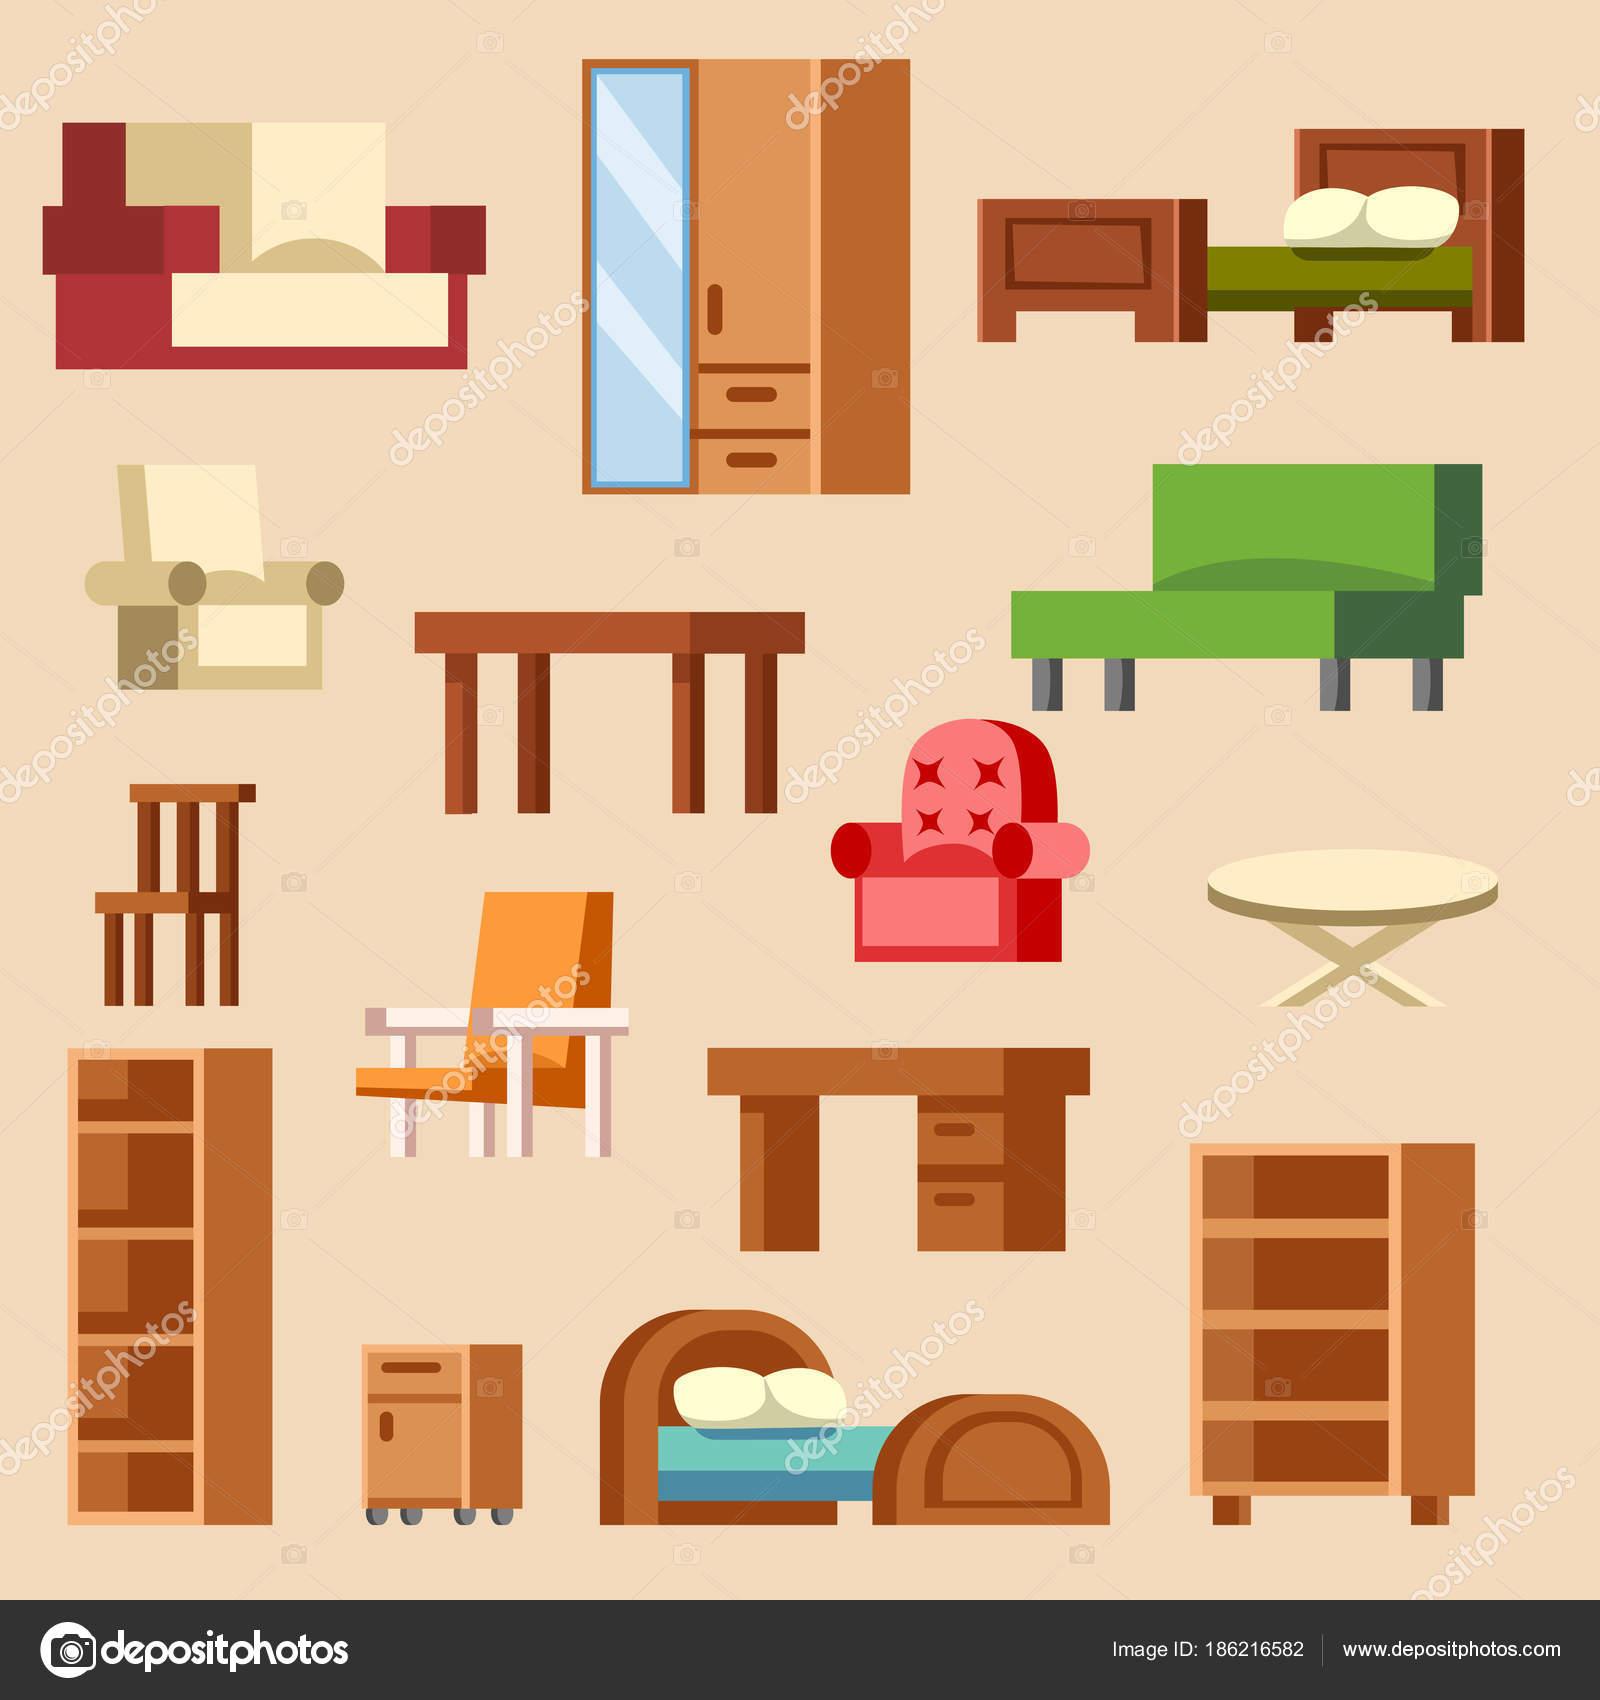 Arredi mobili interni domestici vettoriale progettazione della ...